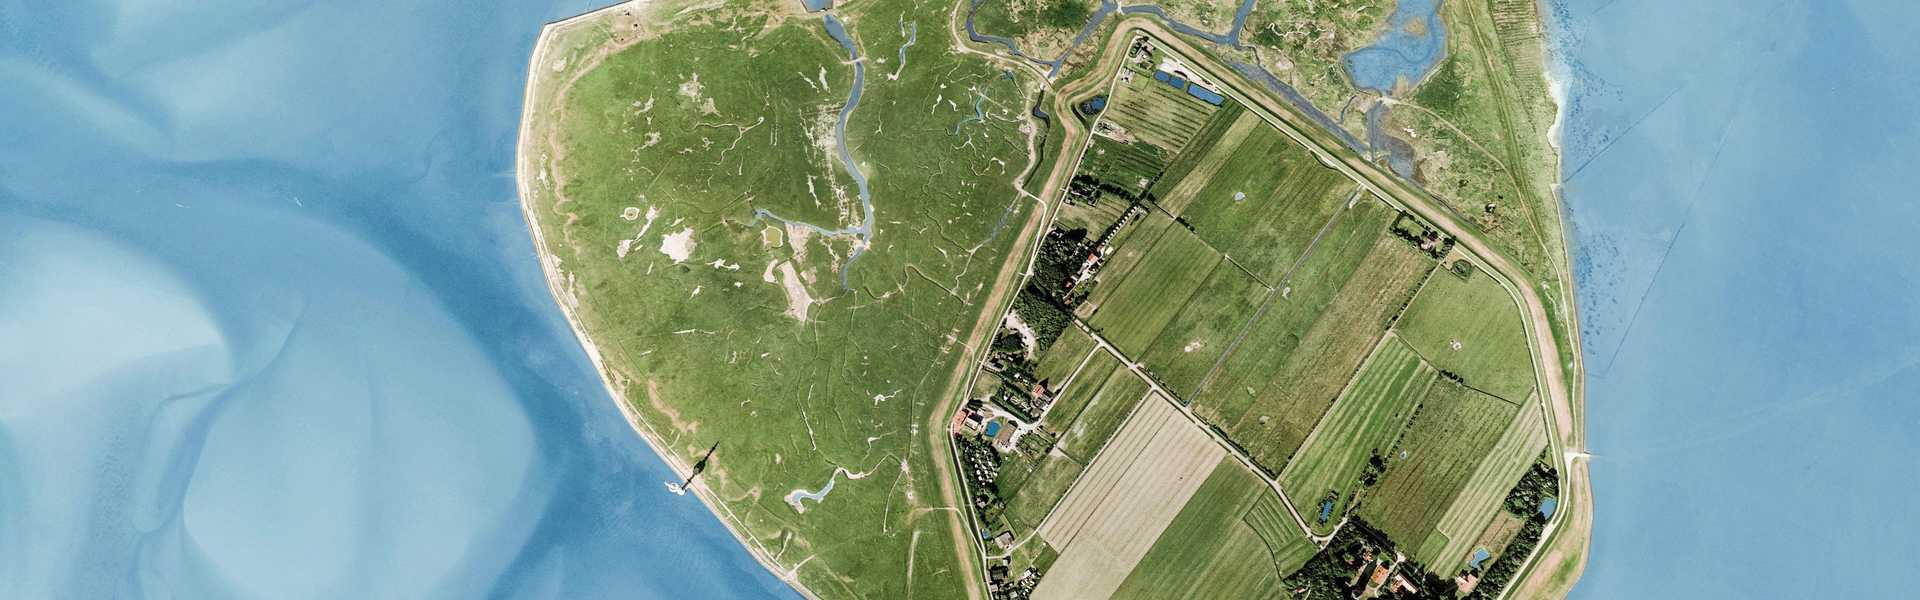 谷歌卫星地图下载器高清2015